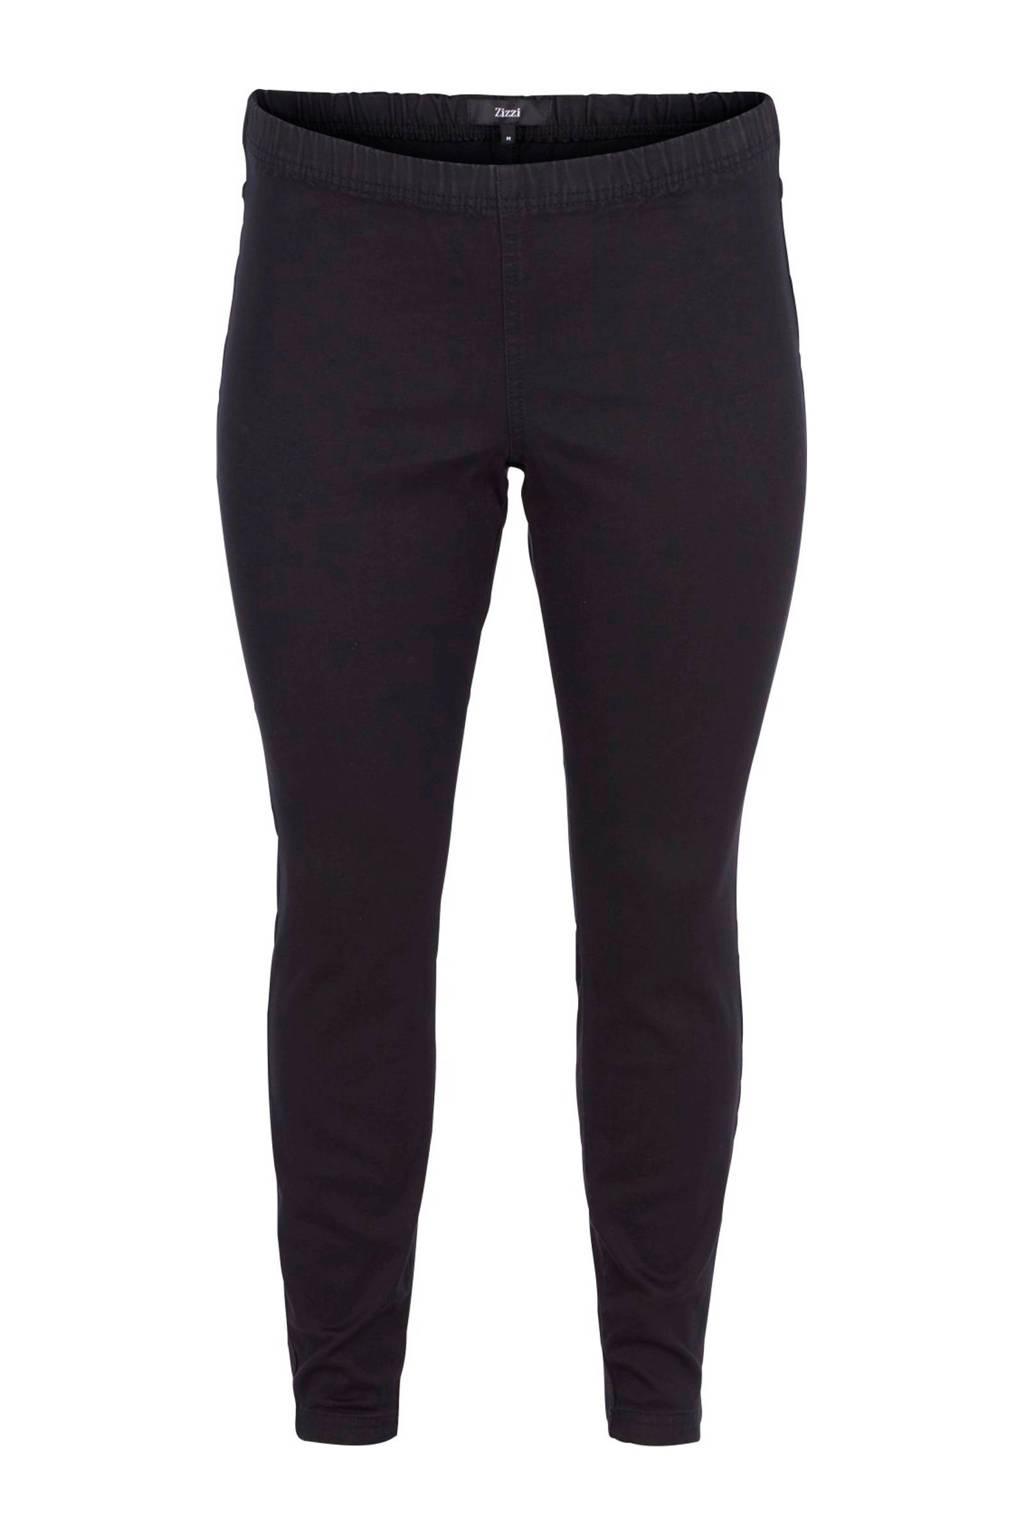 Zizzi legging zwart, Zwart